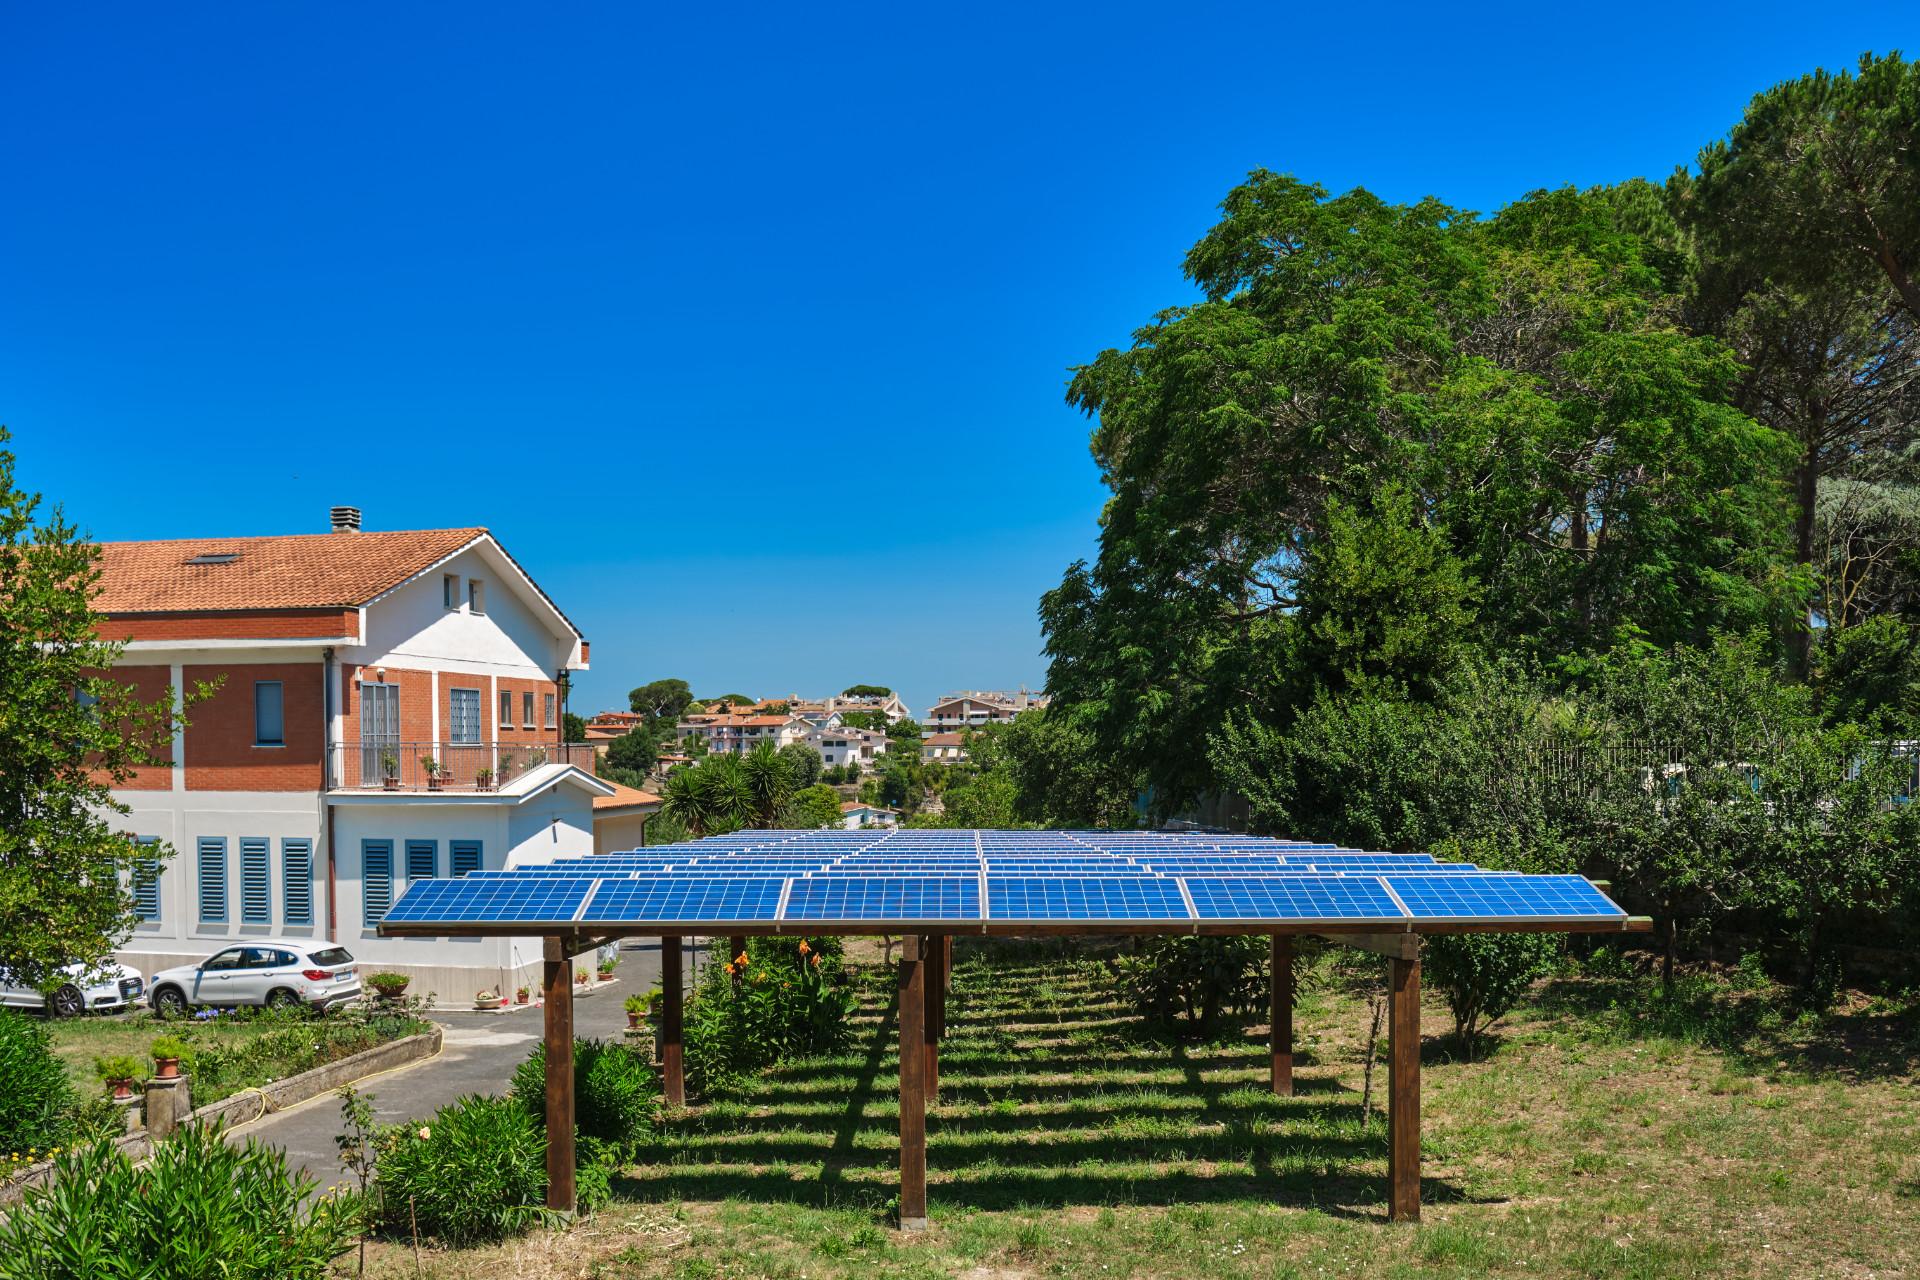 Impianto Fotovoltaico Suore Oblate 1